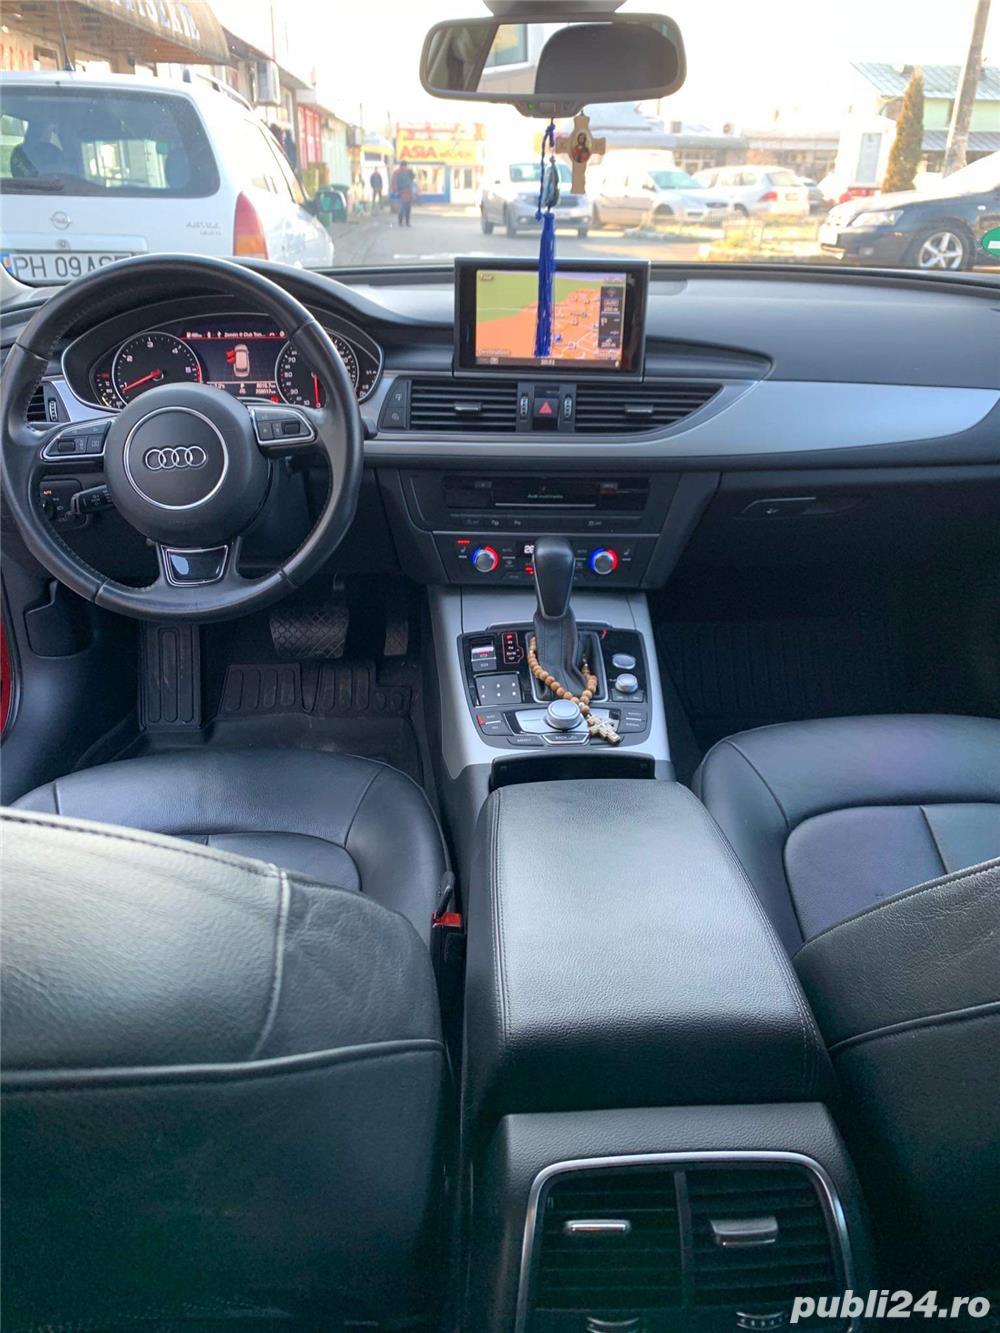 Audi A6 c7. Tel. 0729002052 vând urgent